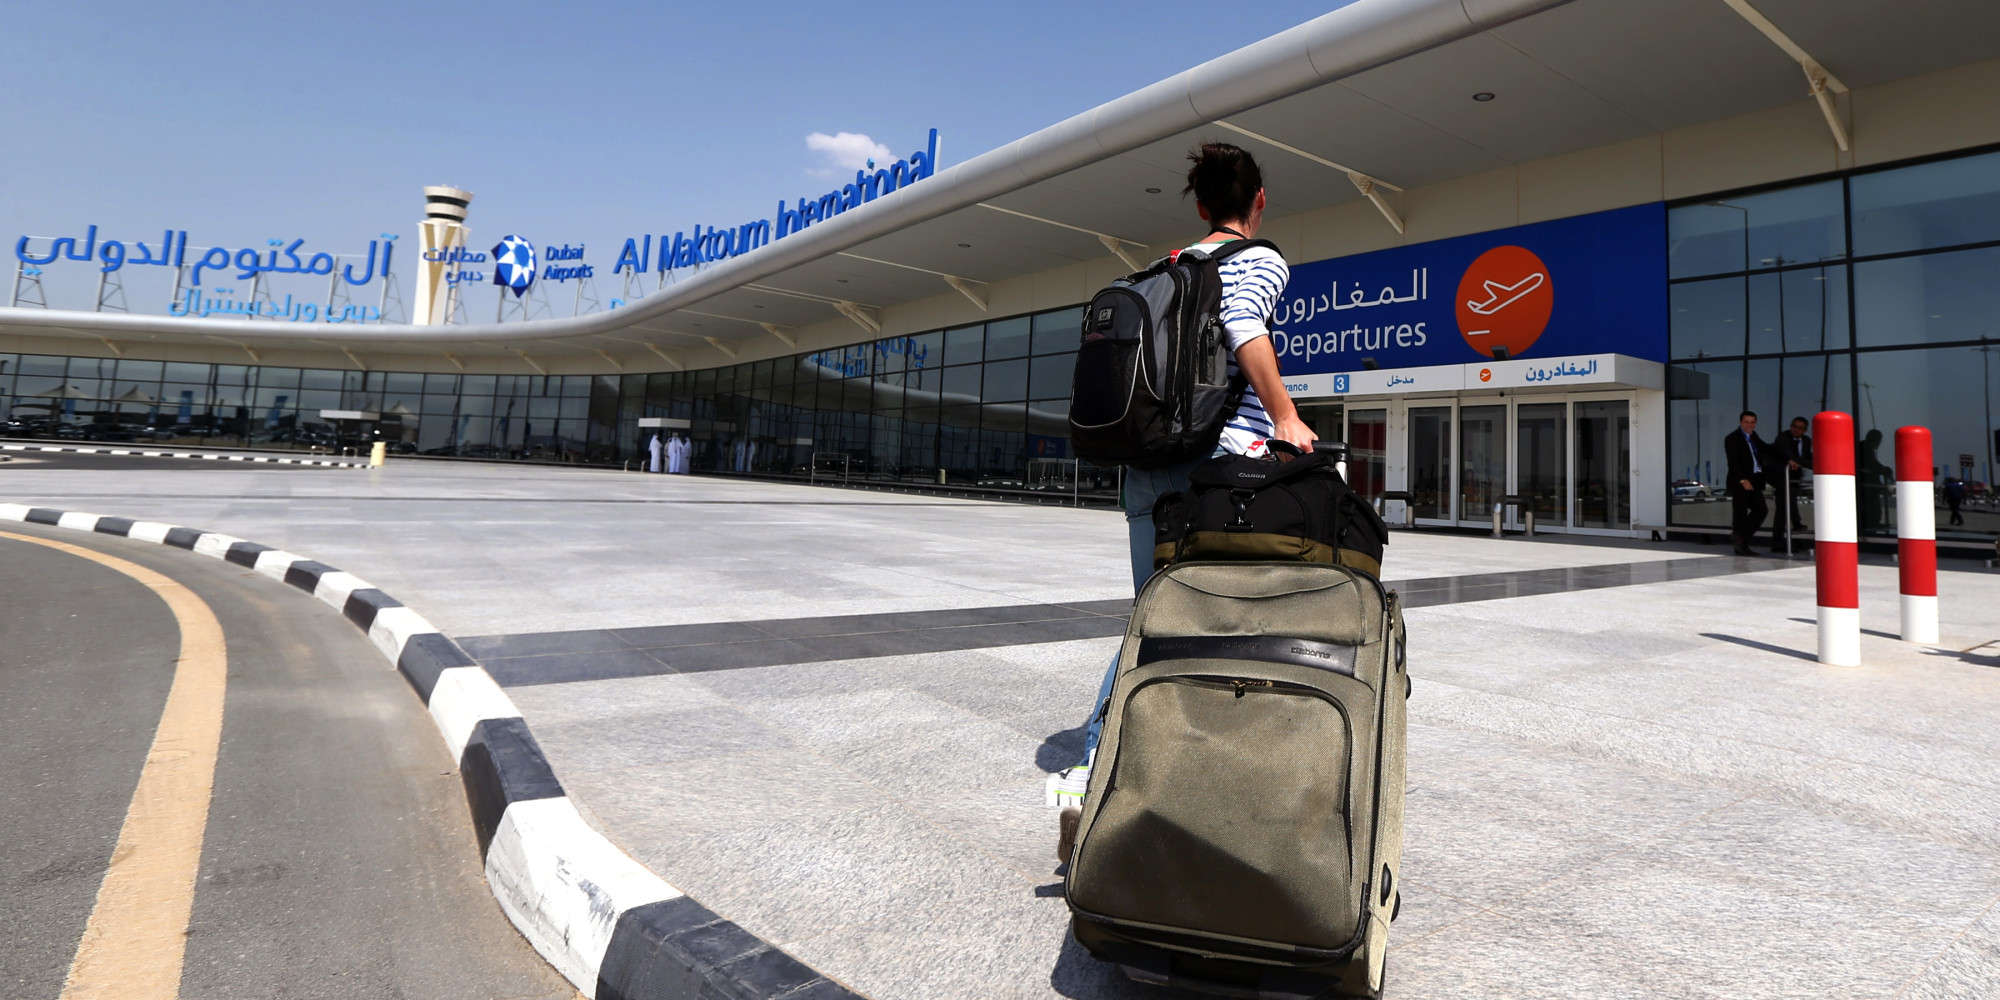 В аэропорту Дубая